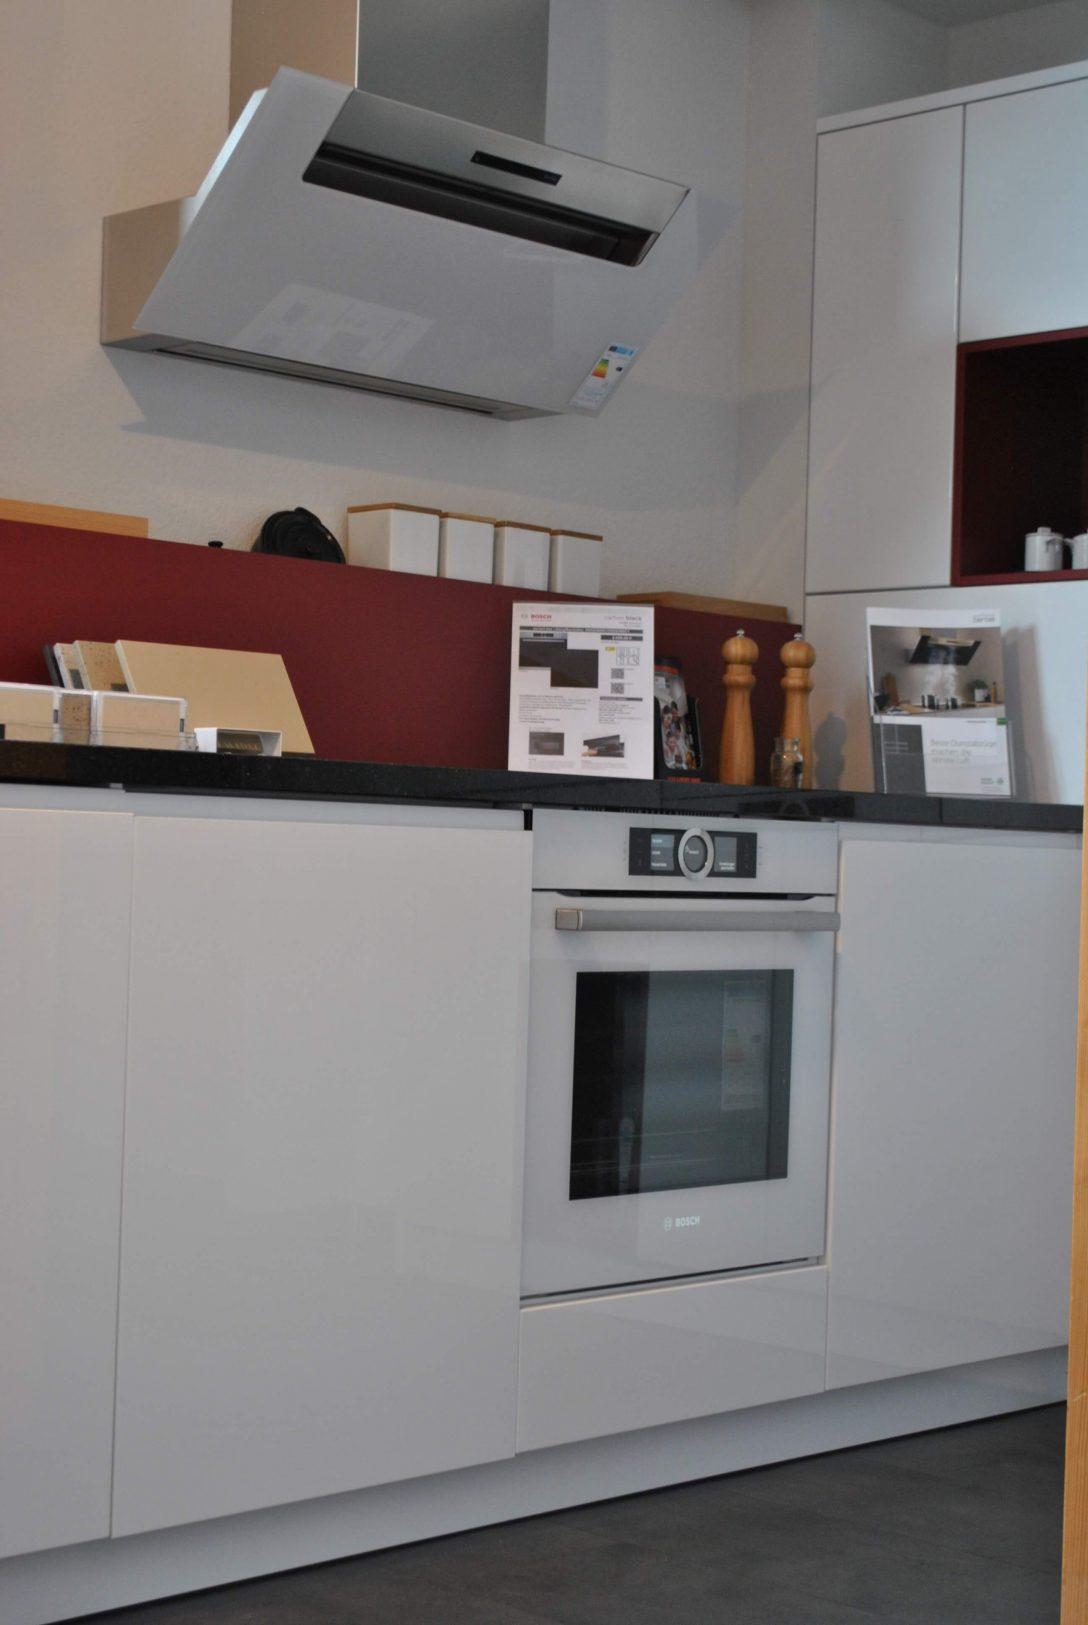 Large Size of Küche Mit Geräten Kche Alea Inkl Gerten Kppler Doppelblock Bodenbelag Müllsystem Miniküche Kühlschrank Vorratsdosen Inselküche Abverkauf Ohne Küche Küche Mit Geräten